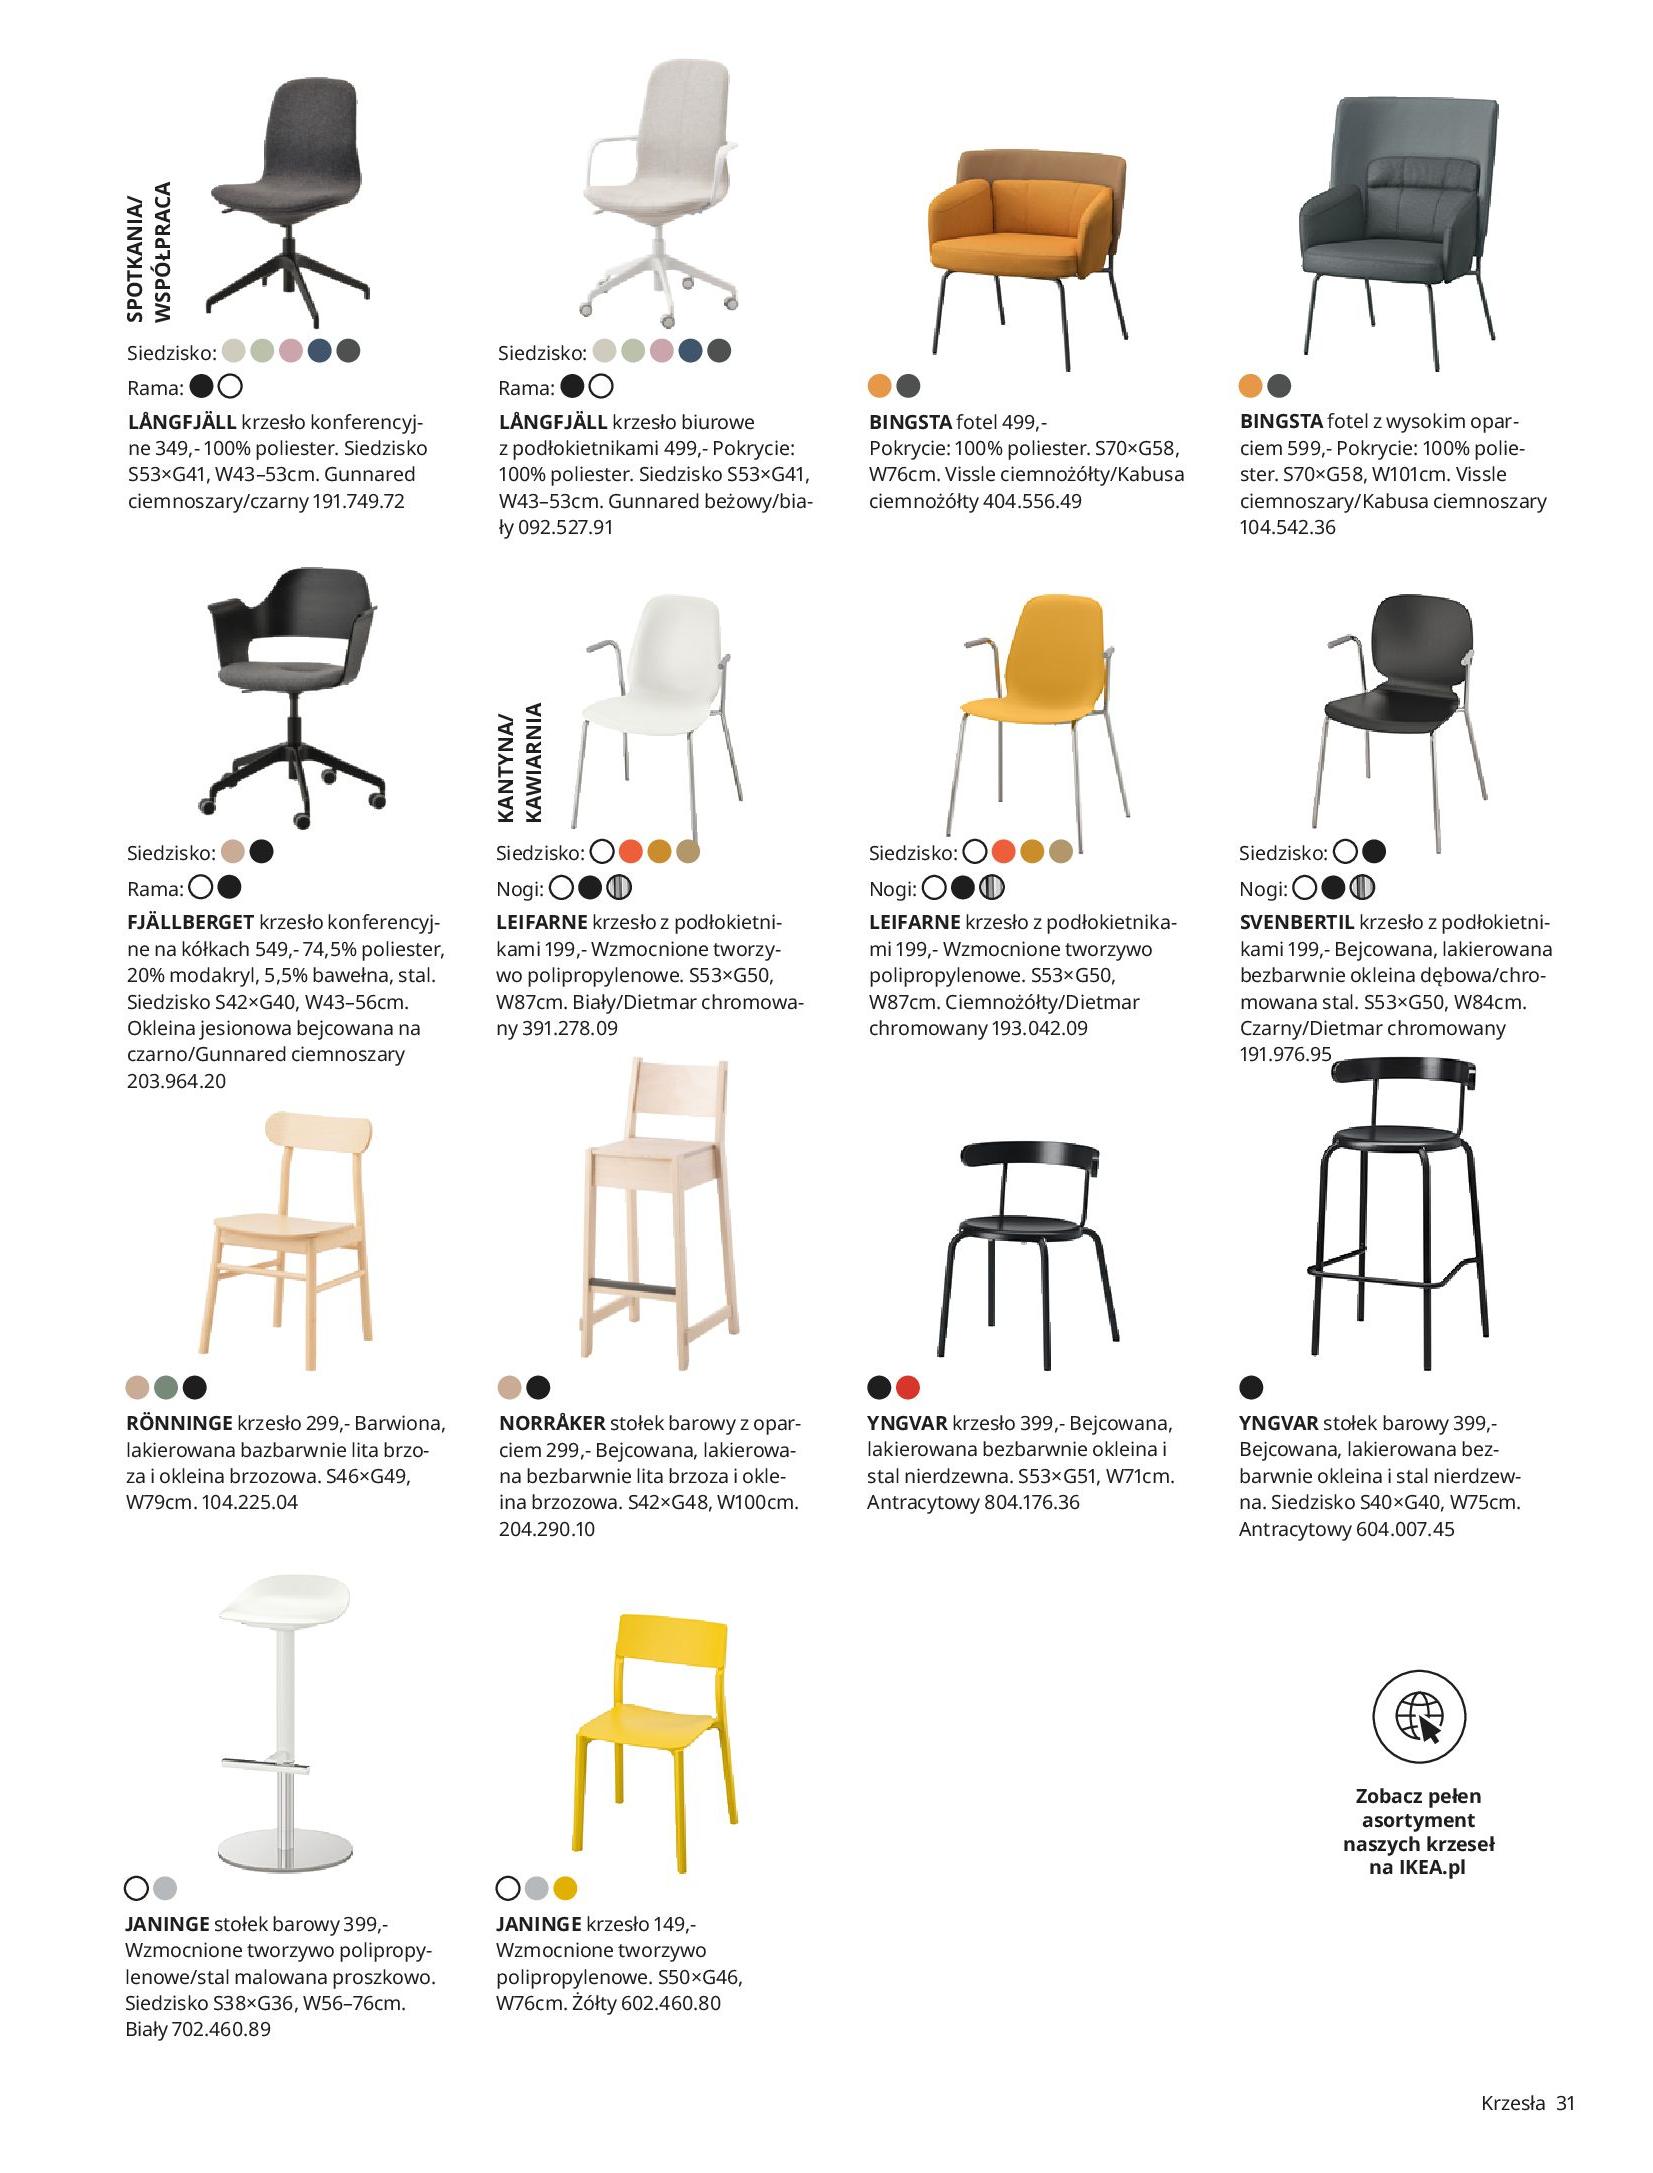 Gazetka IKEA: IKEA dla Firm 2021 2021-01-13 page-31